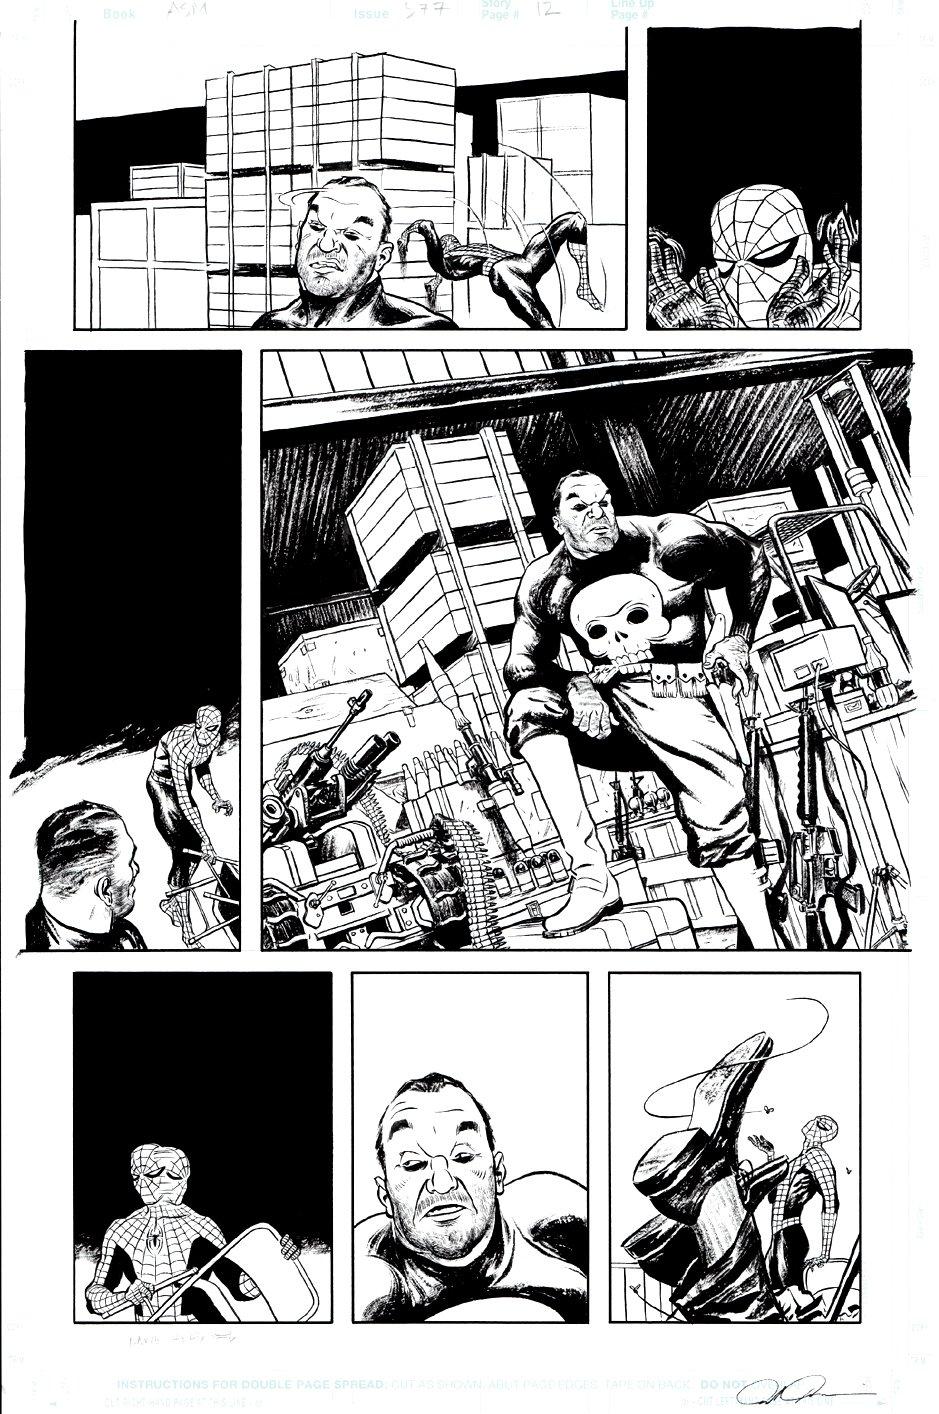 Amazing Spider-Man #577 p 12 (Spider-Man & The Punisher!) 2008